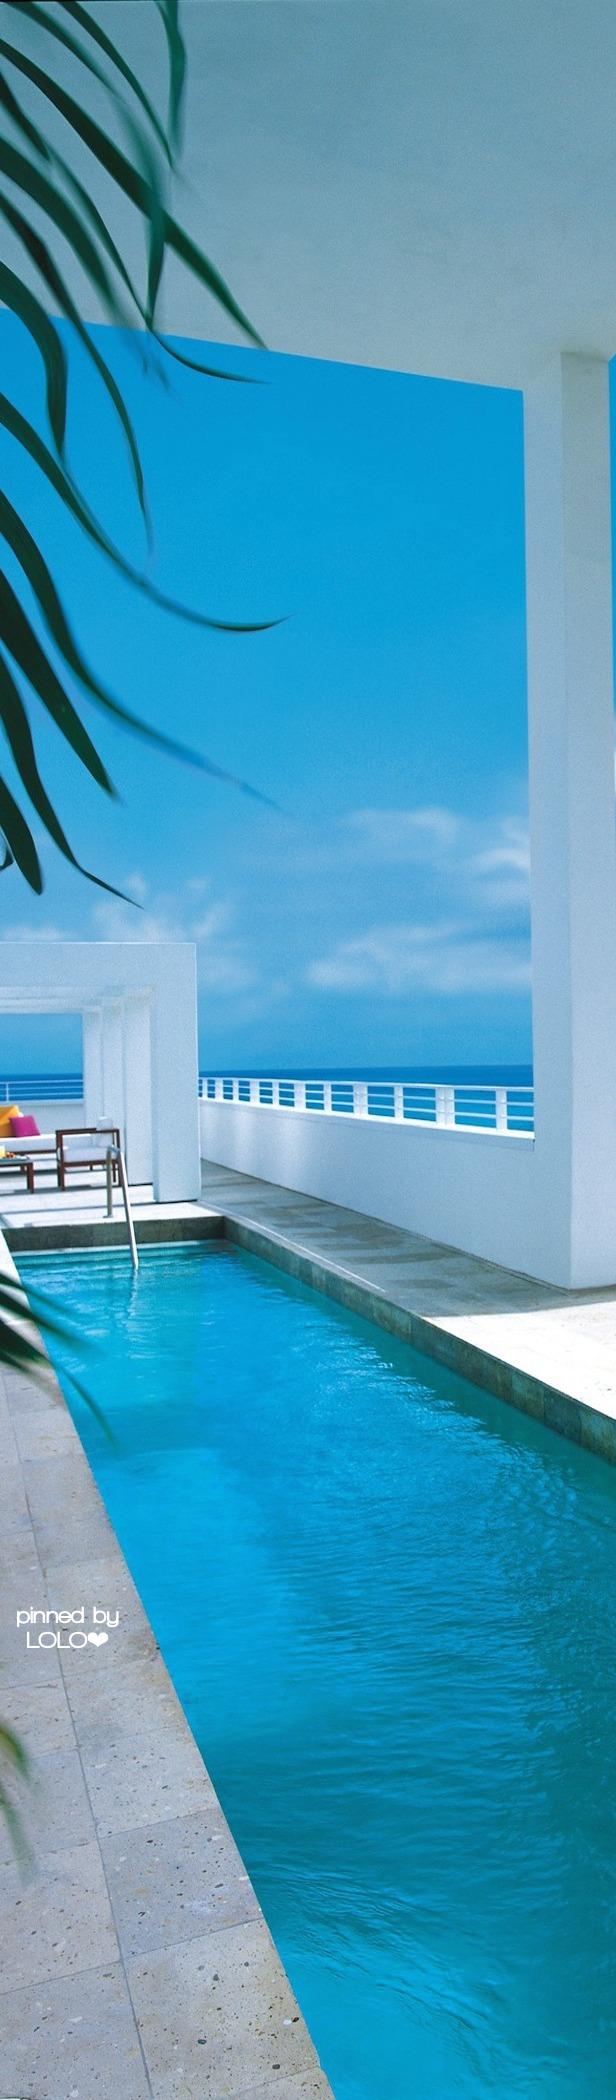 Shore Club Miami | LOLO